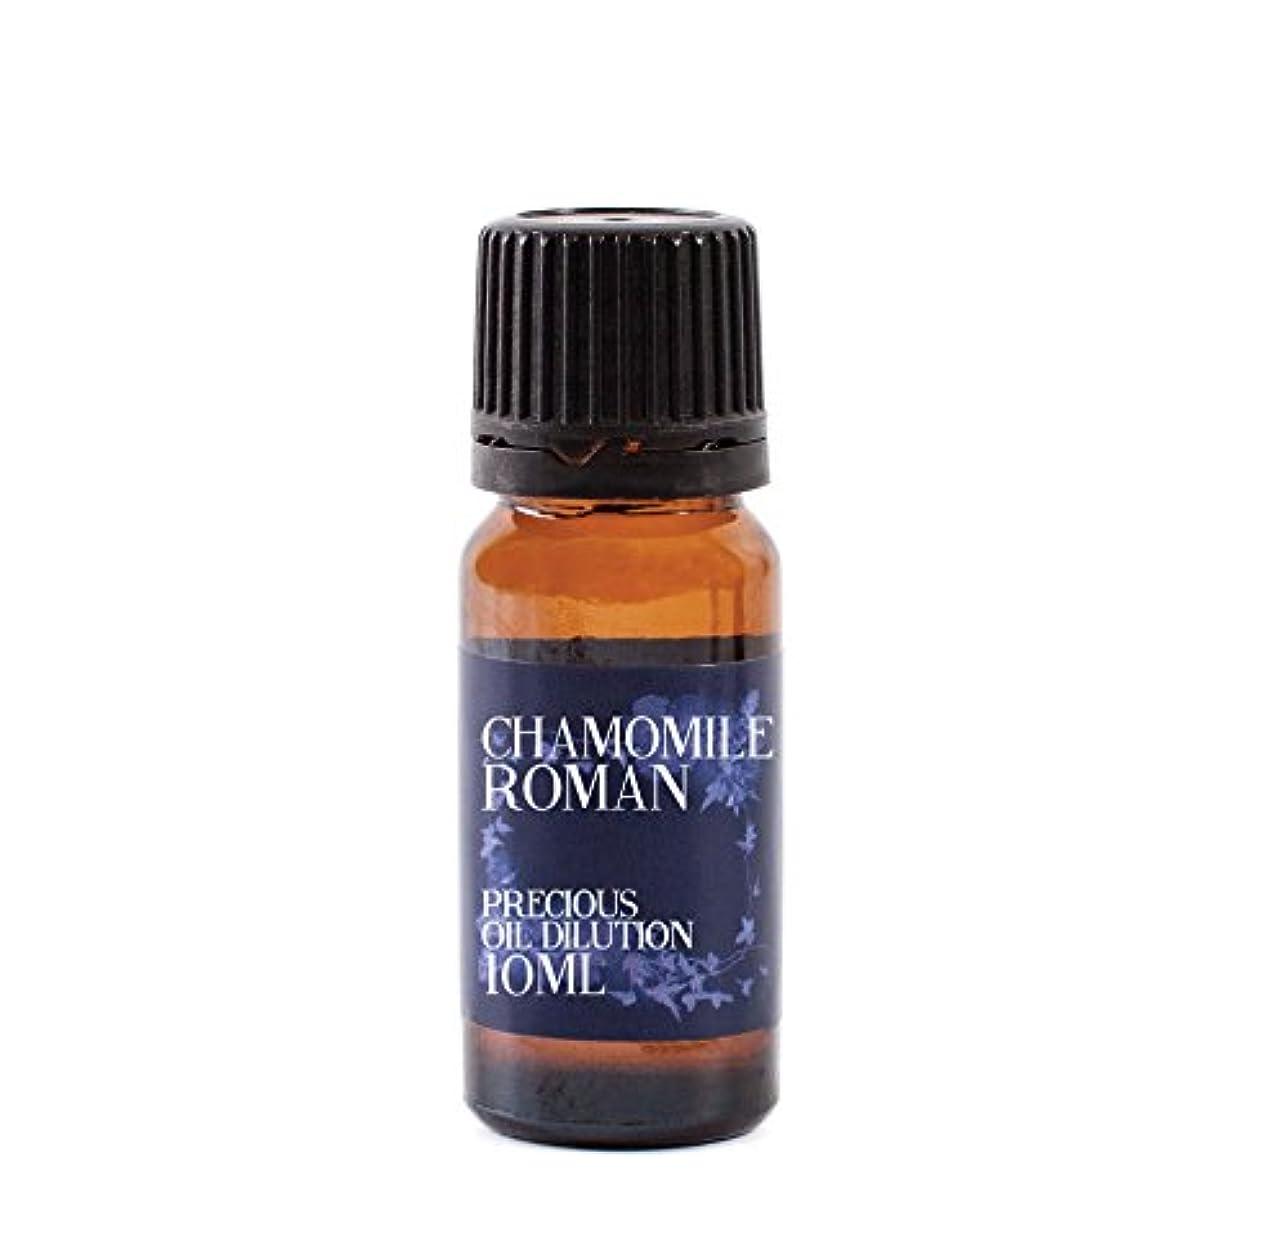 教養がある気づく個人的なMystic Moments | Chamomile Roman Essential Oil Dilution - 10ml - 3% Jojoba Blend